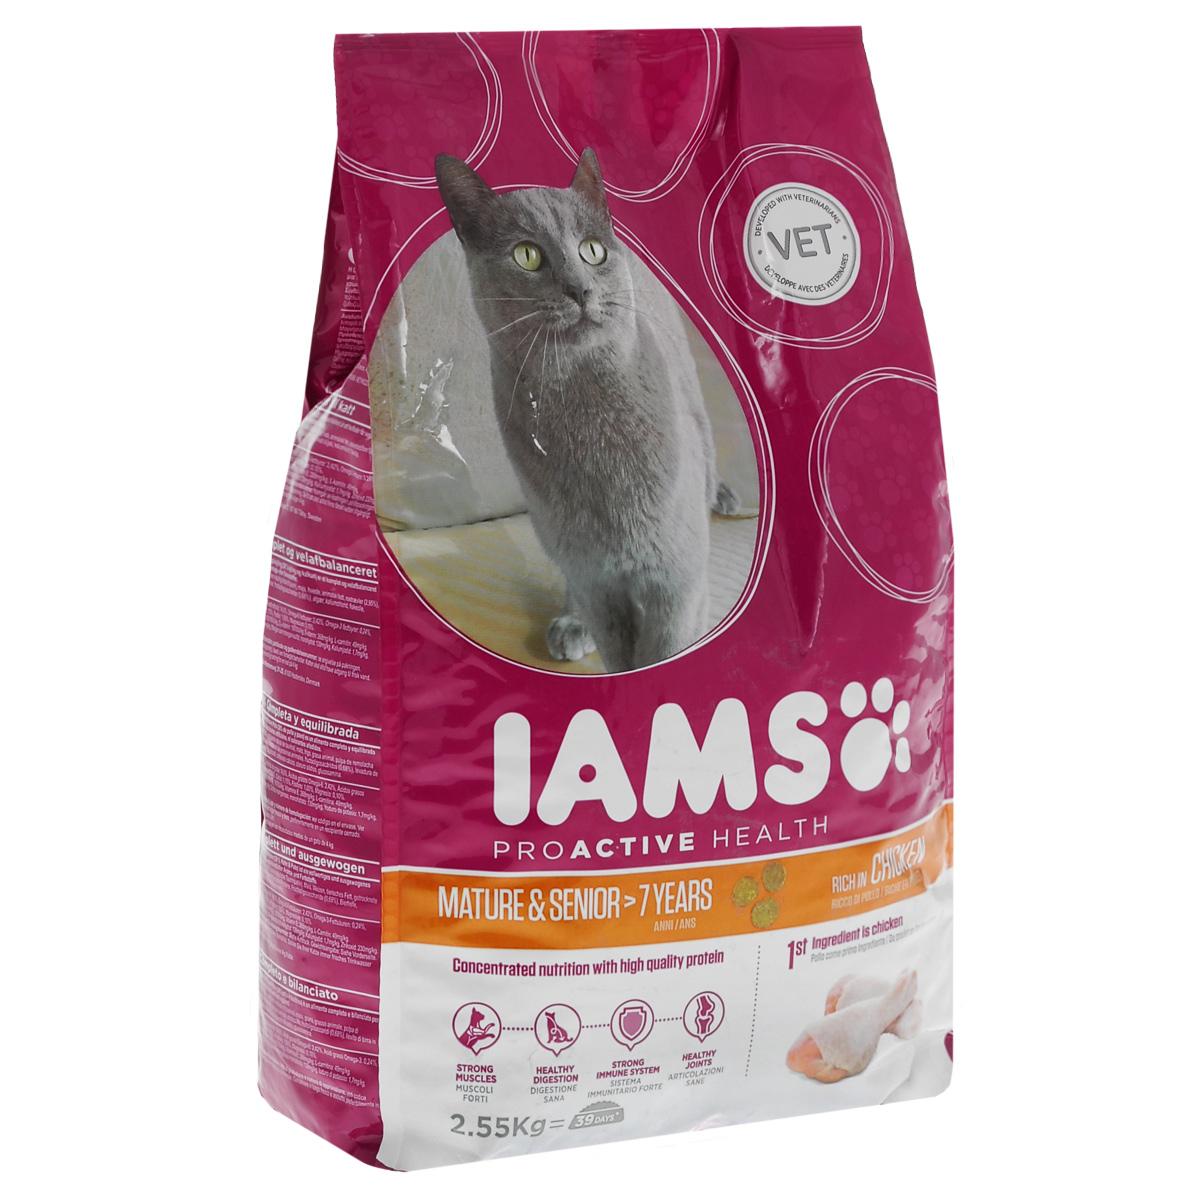 Корм Iams Mature & Senior для кошек старше 7 лет, с курицей, 2,55 кг81380065_другая кошкаСухой корм Iams Mature & Senior содержит оптимальный баланс белков, жиров и углеводов, помогает кошке поддерживать вес на необходимом уровне и способствует укреплению мышц. Гранулы корма более хрупкие, поэтому у кошки не возникает проблем при их пережевывании. Если это необходимо, гранулы можно размочить в теплой воде. Они не превращаются в кашу, а просто размягчаются. Витамины, входящие в состав корма, являются природными антиоксидантами. Они защищают организм от свободных радикалов, замедляют процессы старения и укрепляют иммунную систему кошки. Оптимальное соотношение магния, калия и фосфора поддерживает ph мочи кошки на необходимом уровне, таким образом профилактируя МКБ. Глюкозамин, входящий в состав корма, поддерживает здоровье суставов и связок, что необходимо пожилой кошке. Состав: курица (> 26%), кукуруза, животный жир, пшеница, сушеные целое яйцо, сушеная свекла пульпа, хлорид калия, сухие пивные дрожжи, рыбий жир, карбонат кальция,...